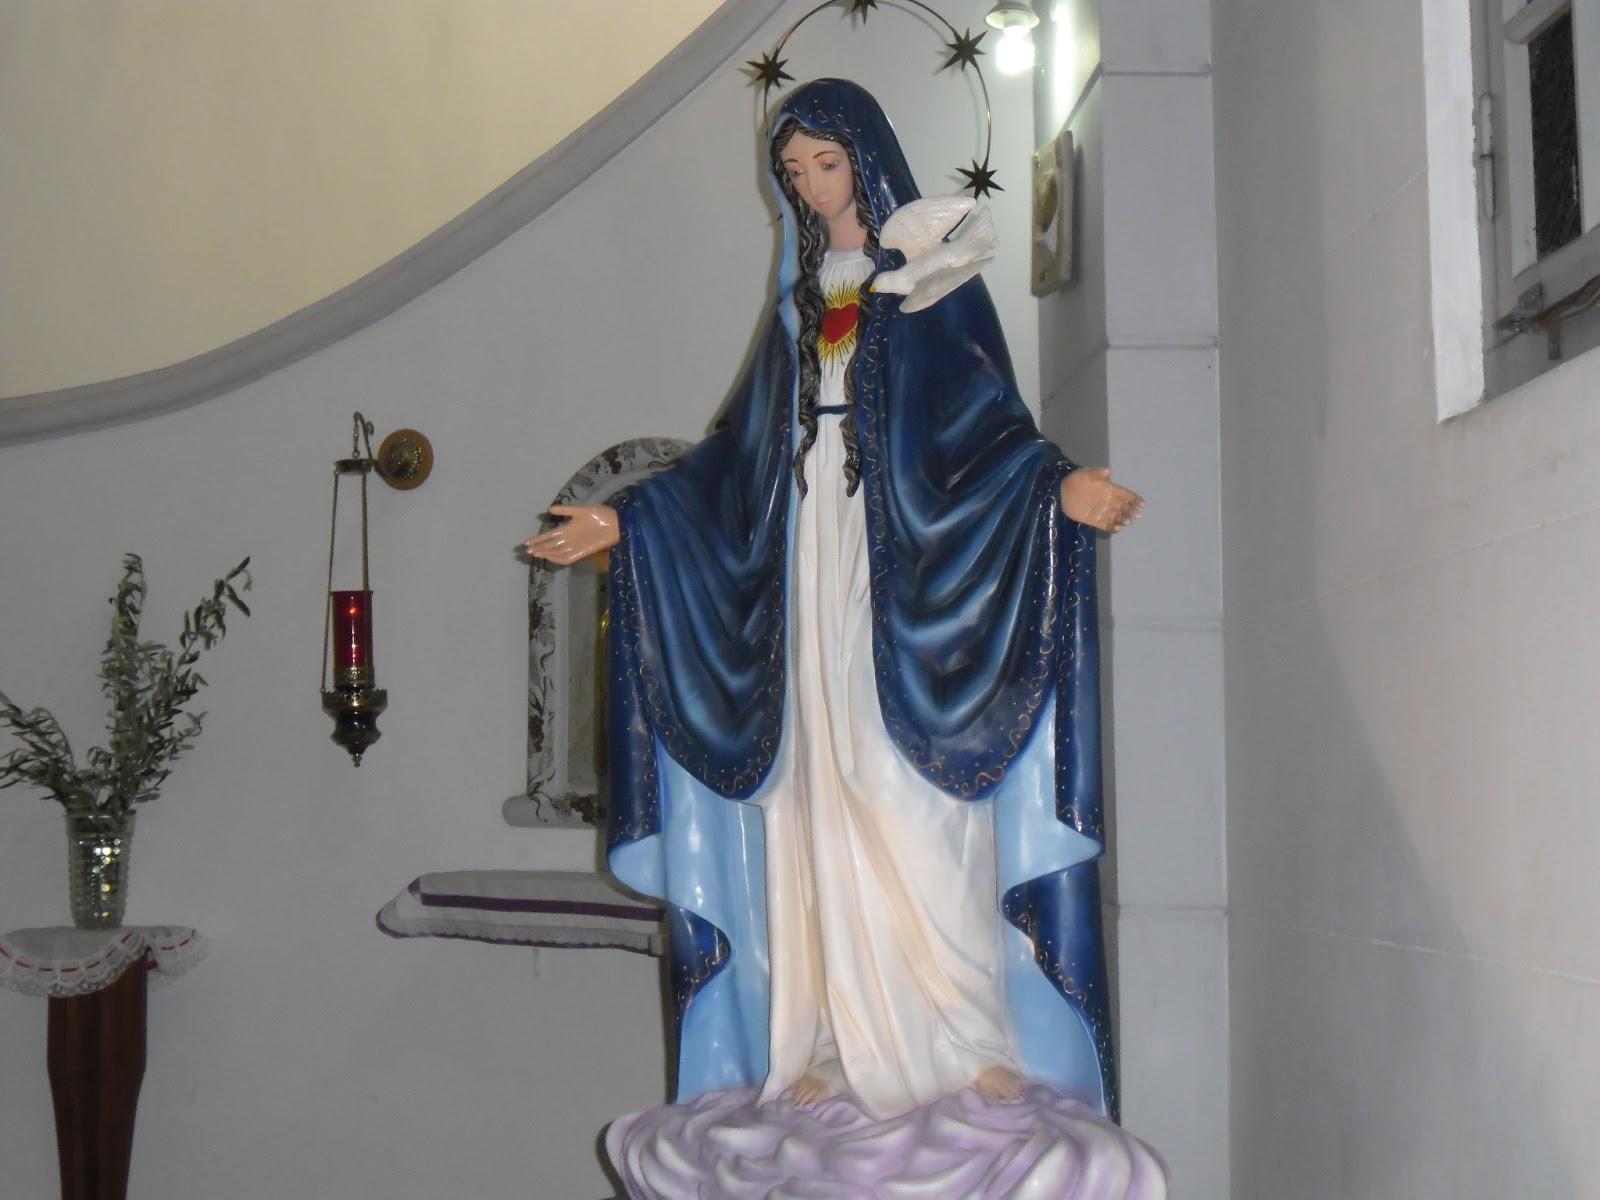 La Virgen se Aparece en Lanús: Santa María del Espíritu Santo, Argentina (7 de noviembre)